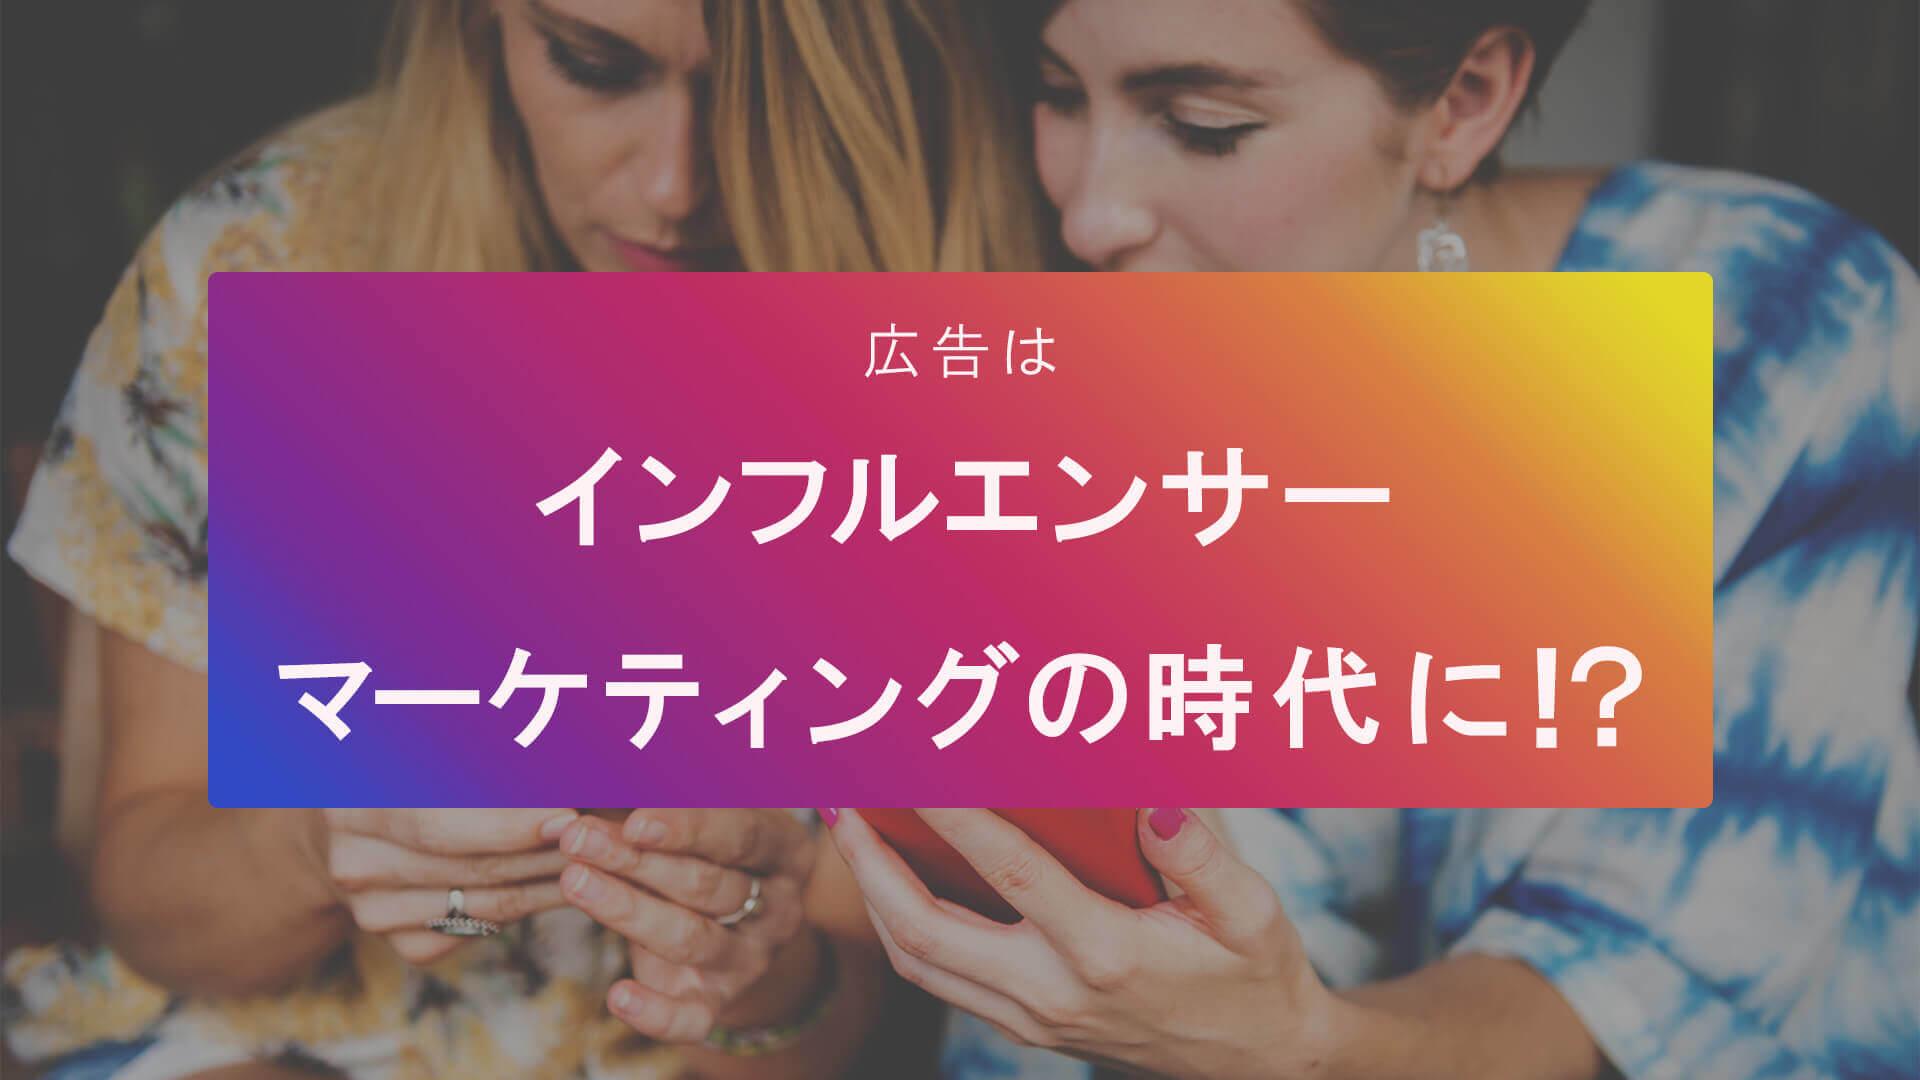 【新しい宣伝手法】広告はインフルエンサーマーケティングの時代に!?